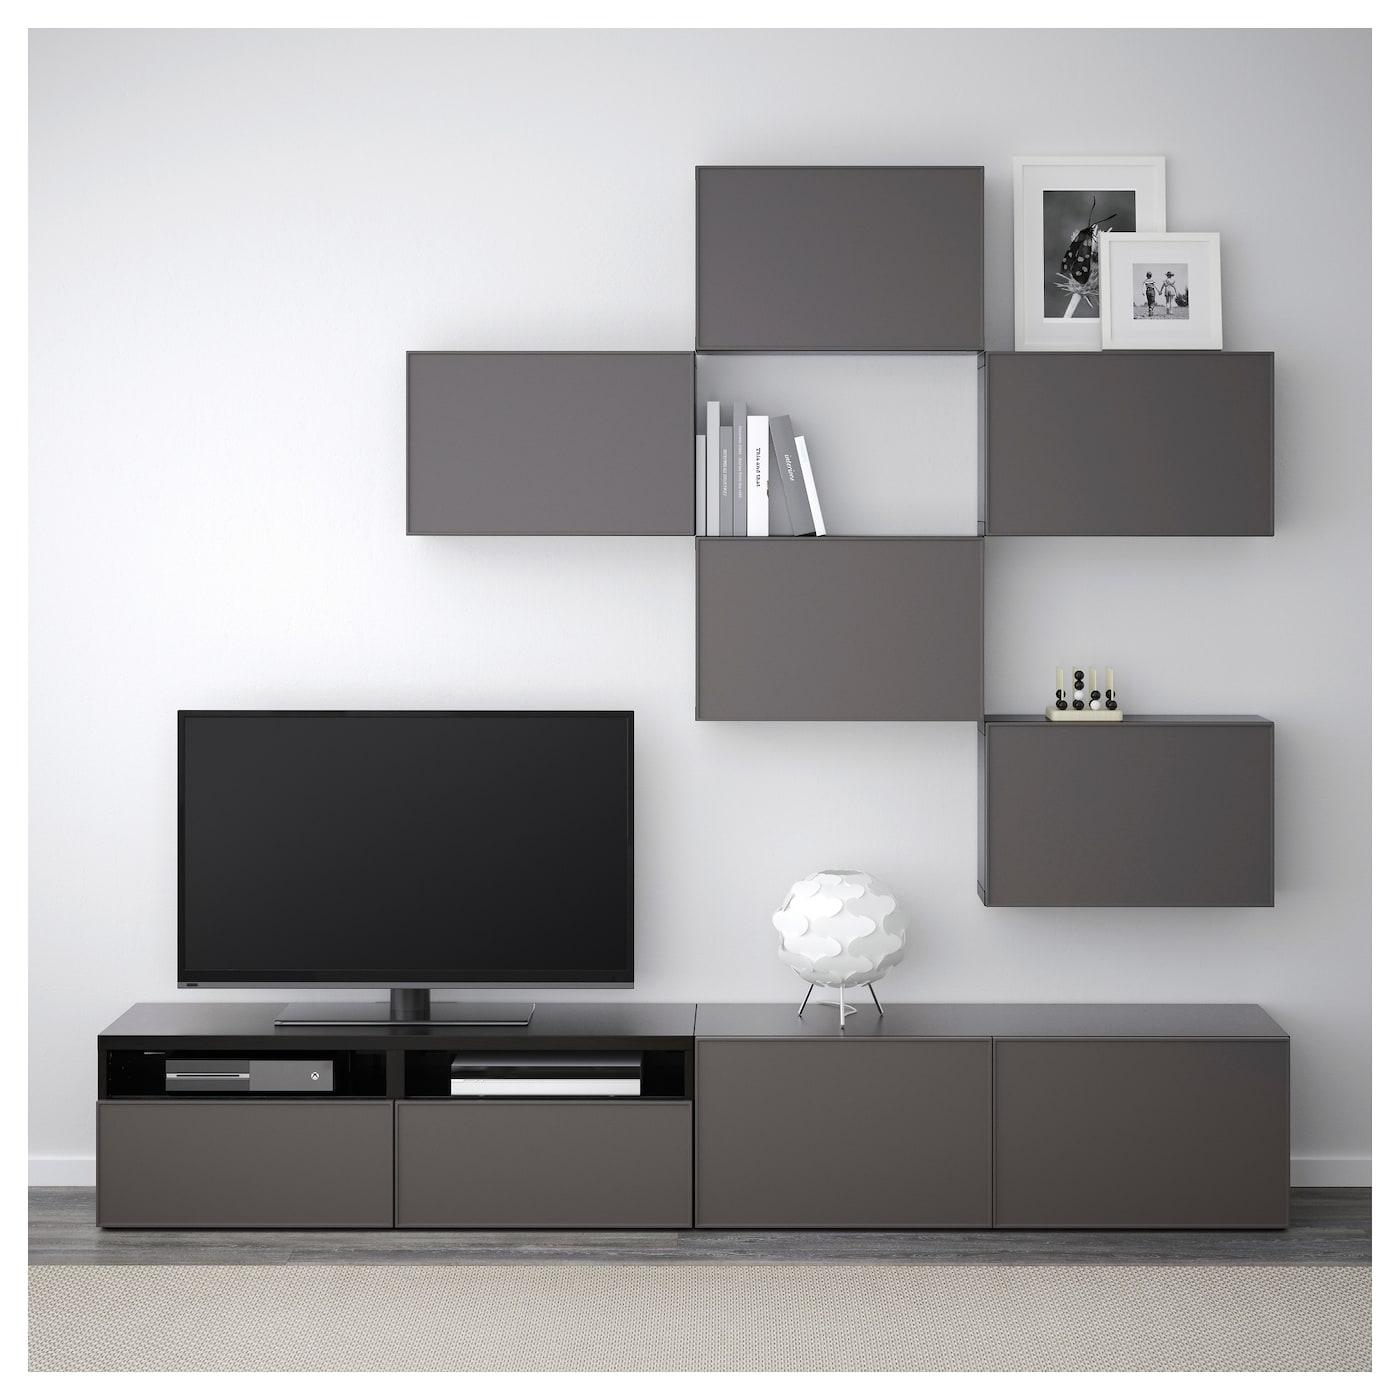 Best Combinaison Meuble Tv Brun Noir Grundsviken Gris Fonc  # Meuble Tv Brun Noir